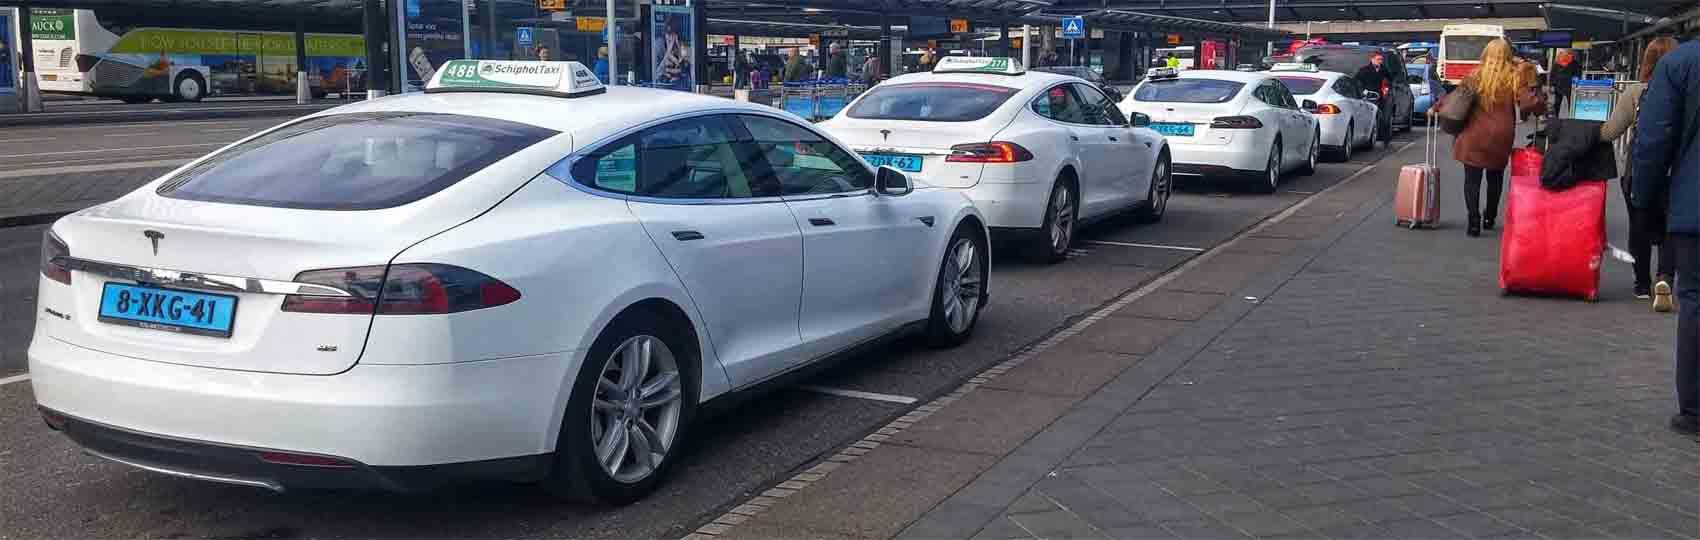 Noticias del sector del taxi y la movilidad en Holanda. Mantente informado de todas las noticias del taxi de Holanda en el grupo de Facebook de Todo Taxi.